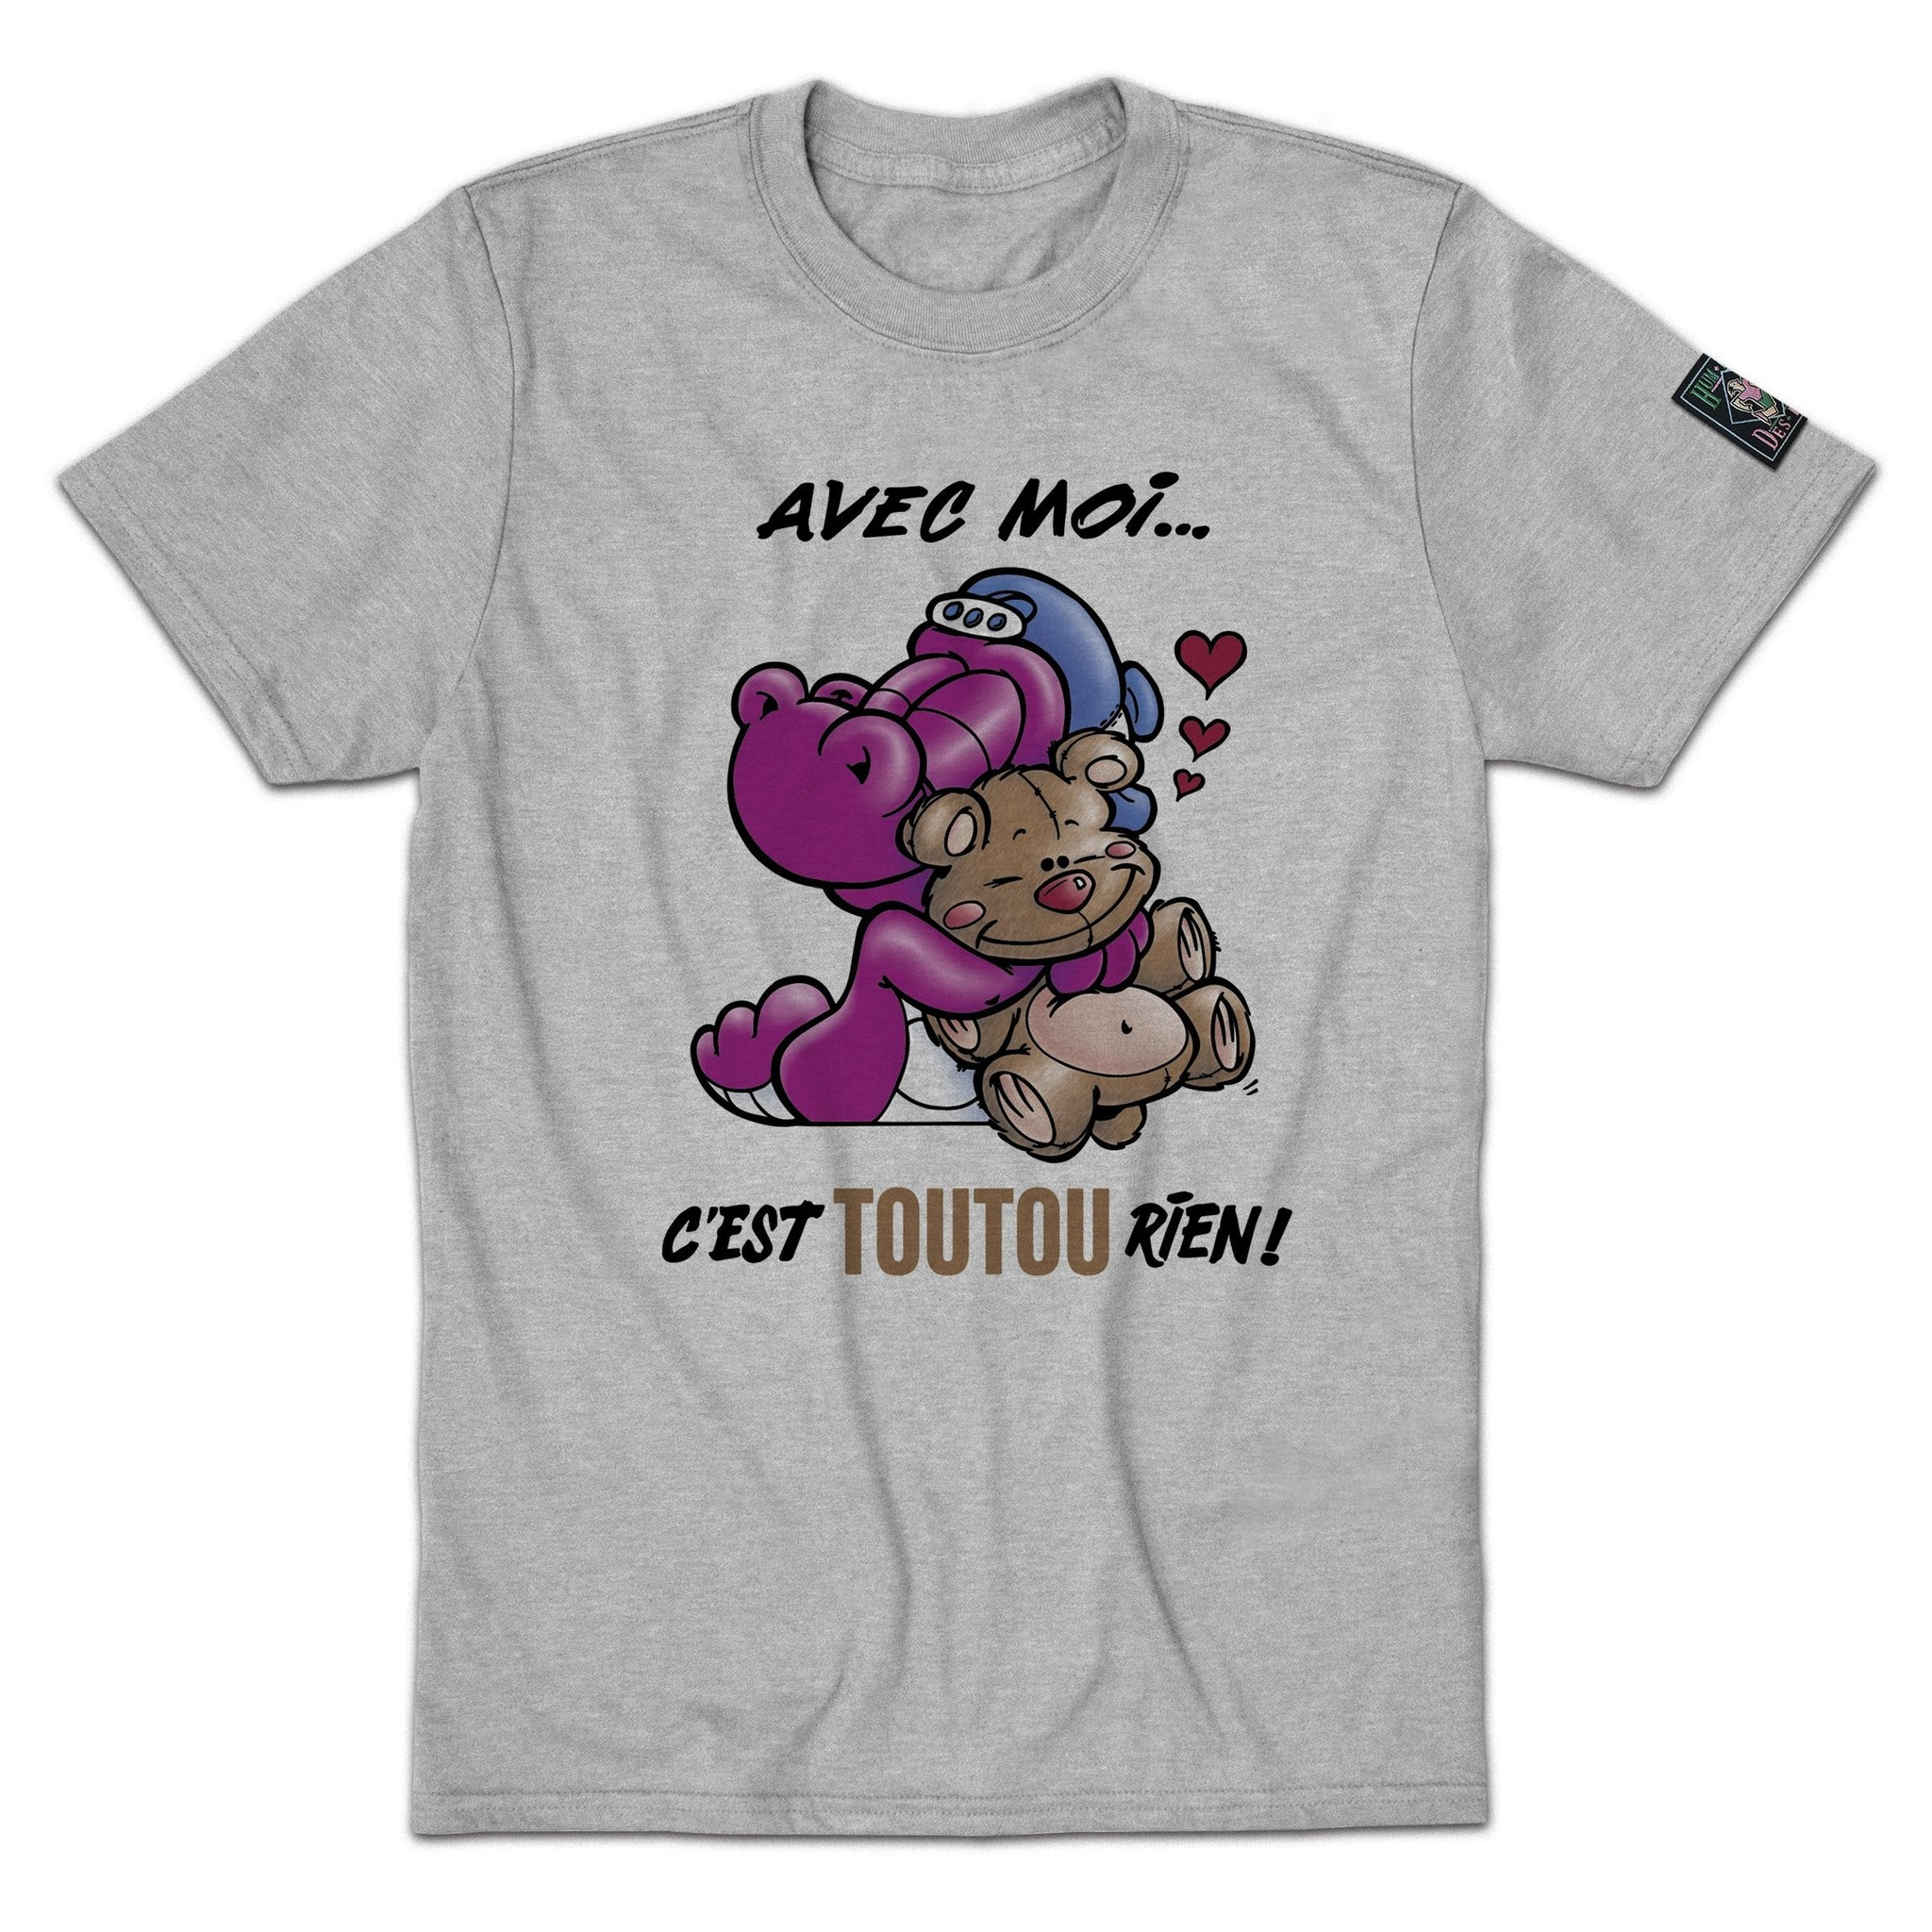 Humeur Design T-shirt gris Avec moi c'est Toutou rien!